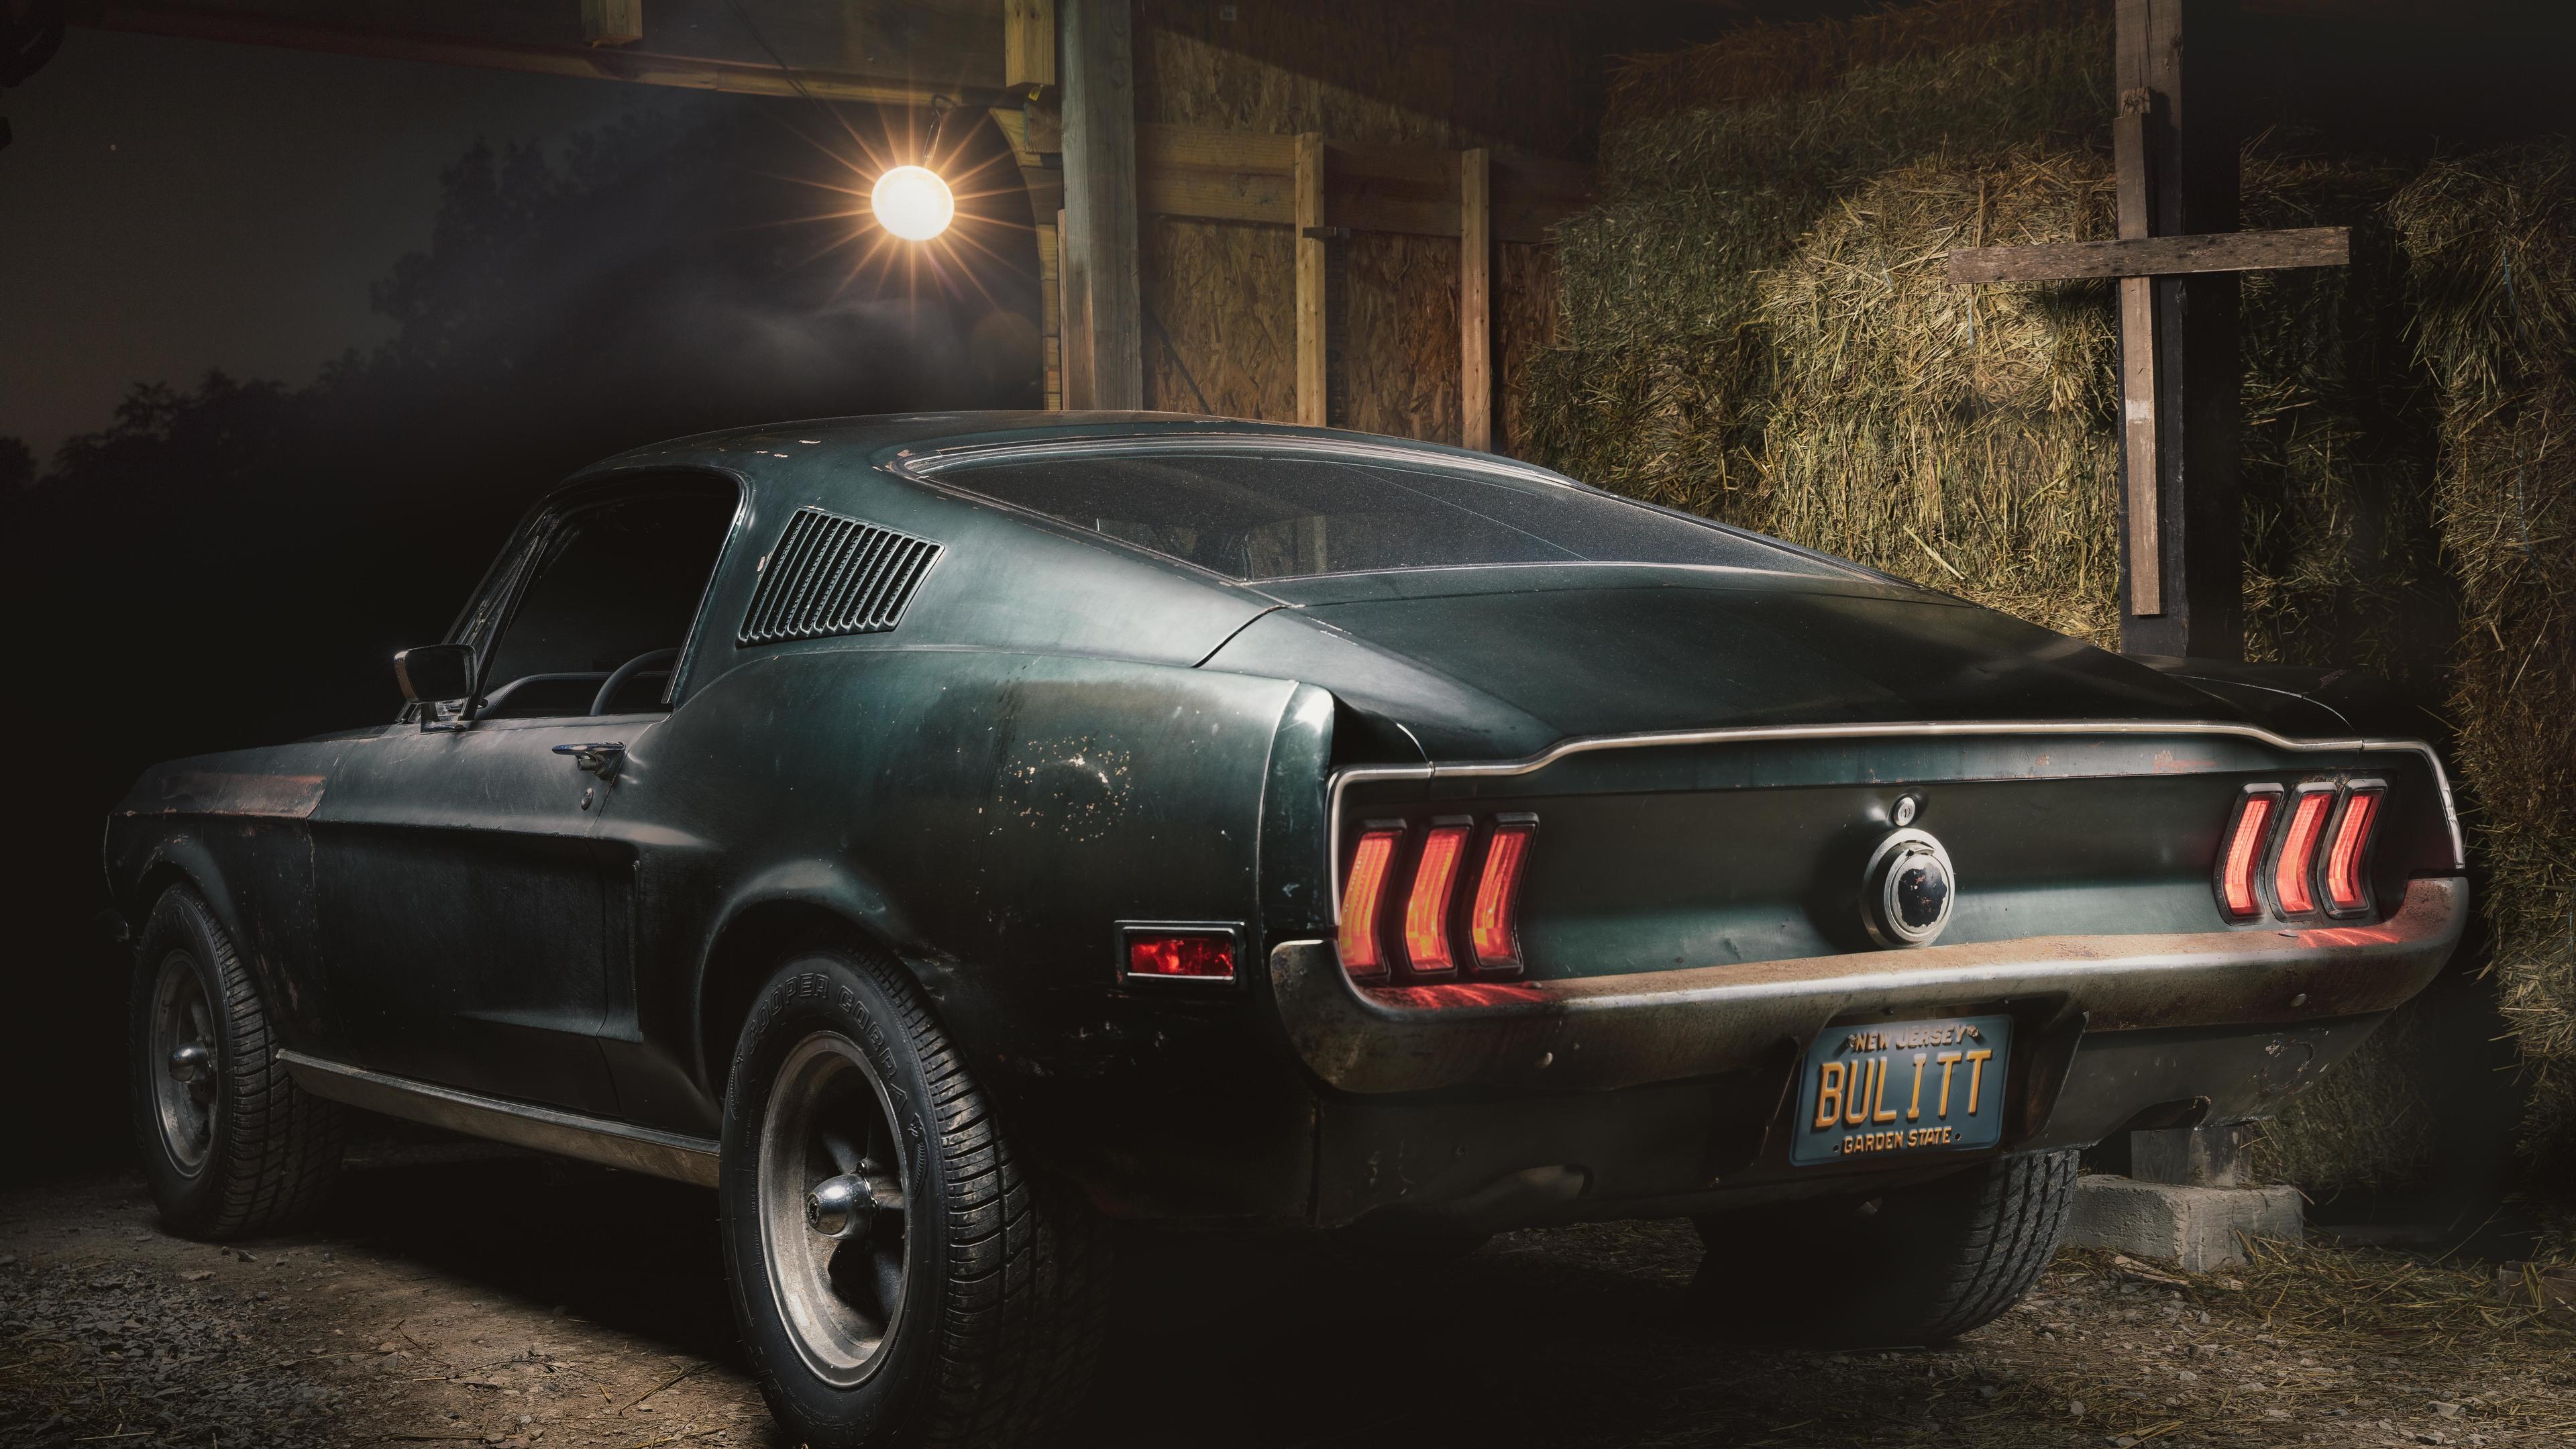 1968 mustang gt fastback 8k rear 1539792888 - 1968 Mustang GT Fastback 8k Rear - mustang wallpapers, hd-wallpapers, ford wallpapers, ford mustang wallpapers, 8k wallpapers, 5k wallpapers, 4k-wallpapers, 2018 cars wallpapers